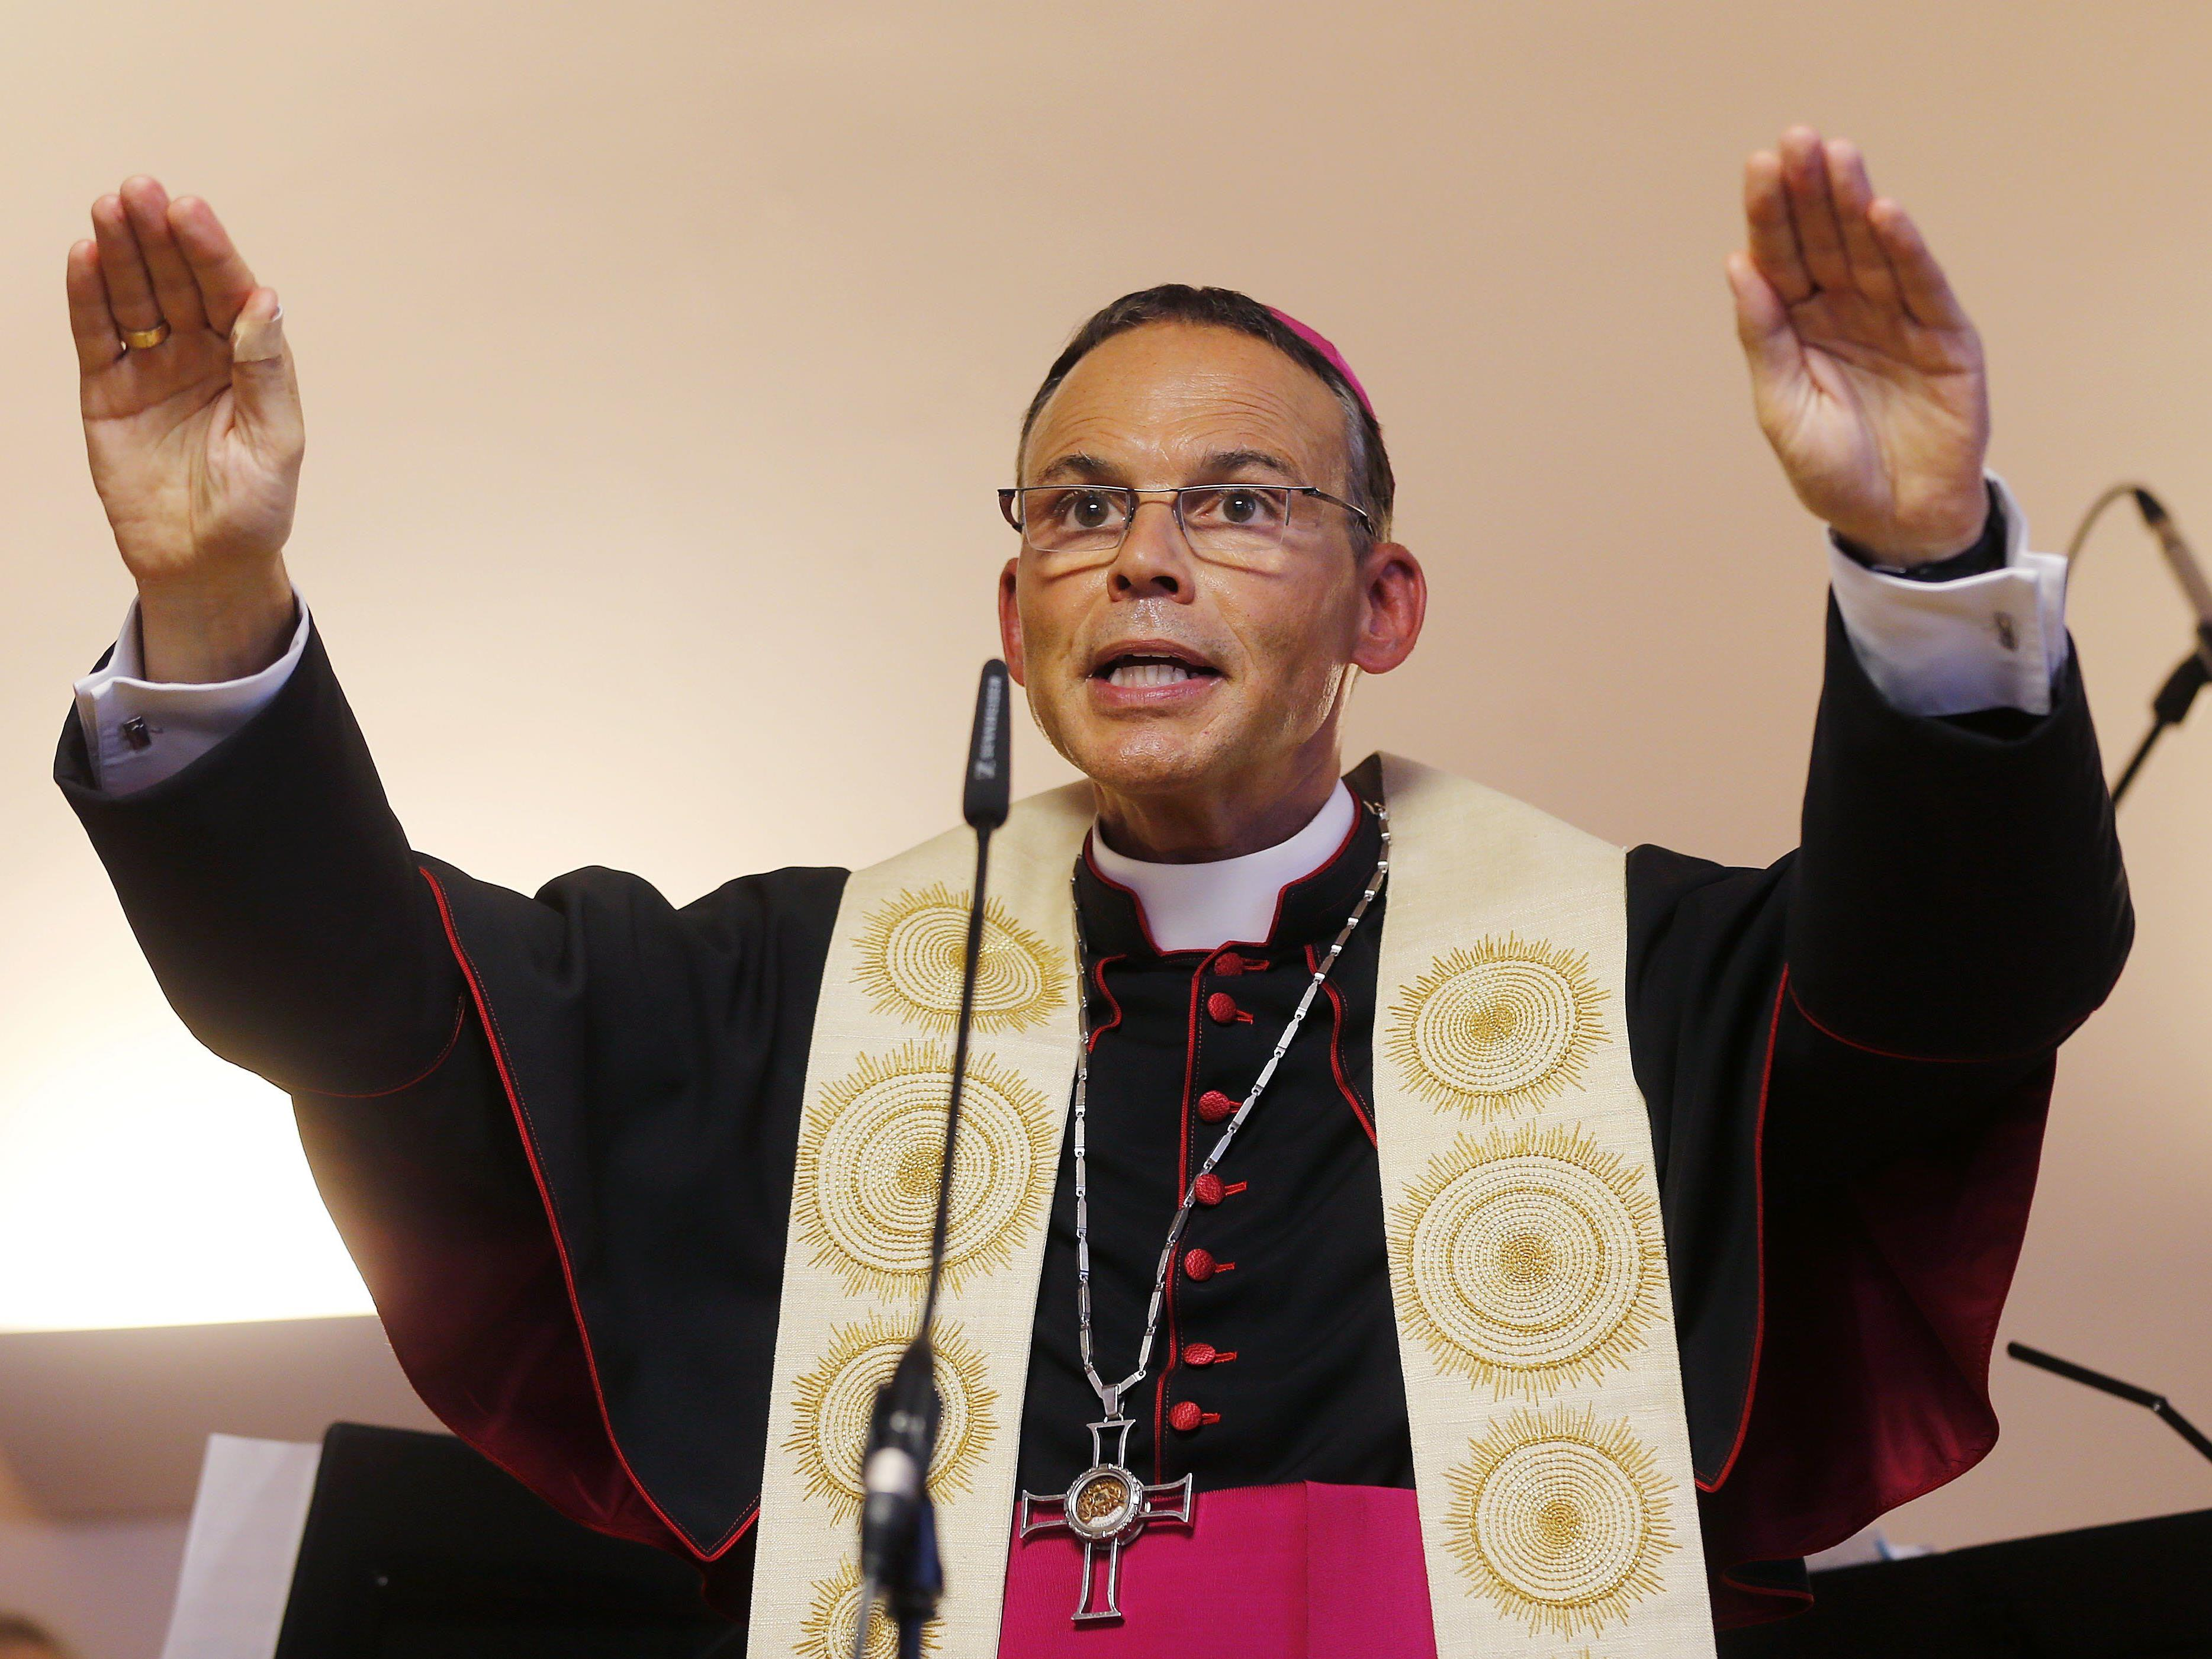 Ehemaliger Limburger Bischof will sich nicht zu Finanzskandal äußern.